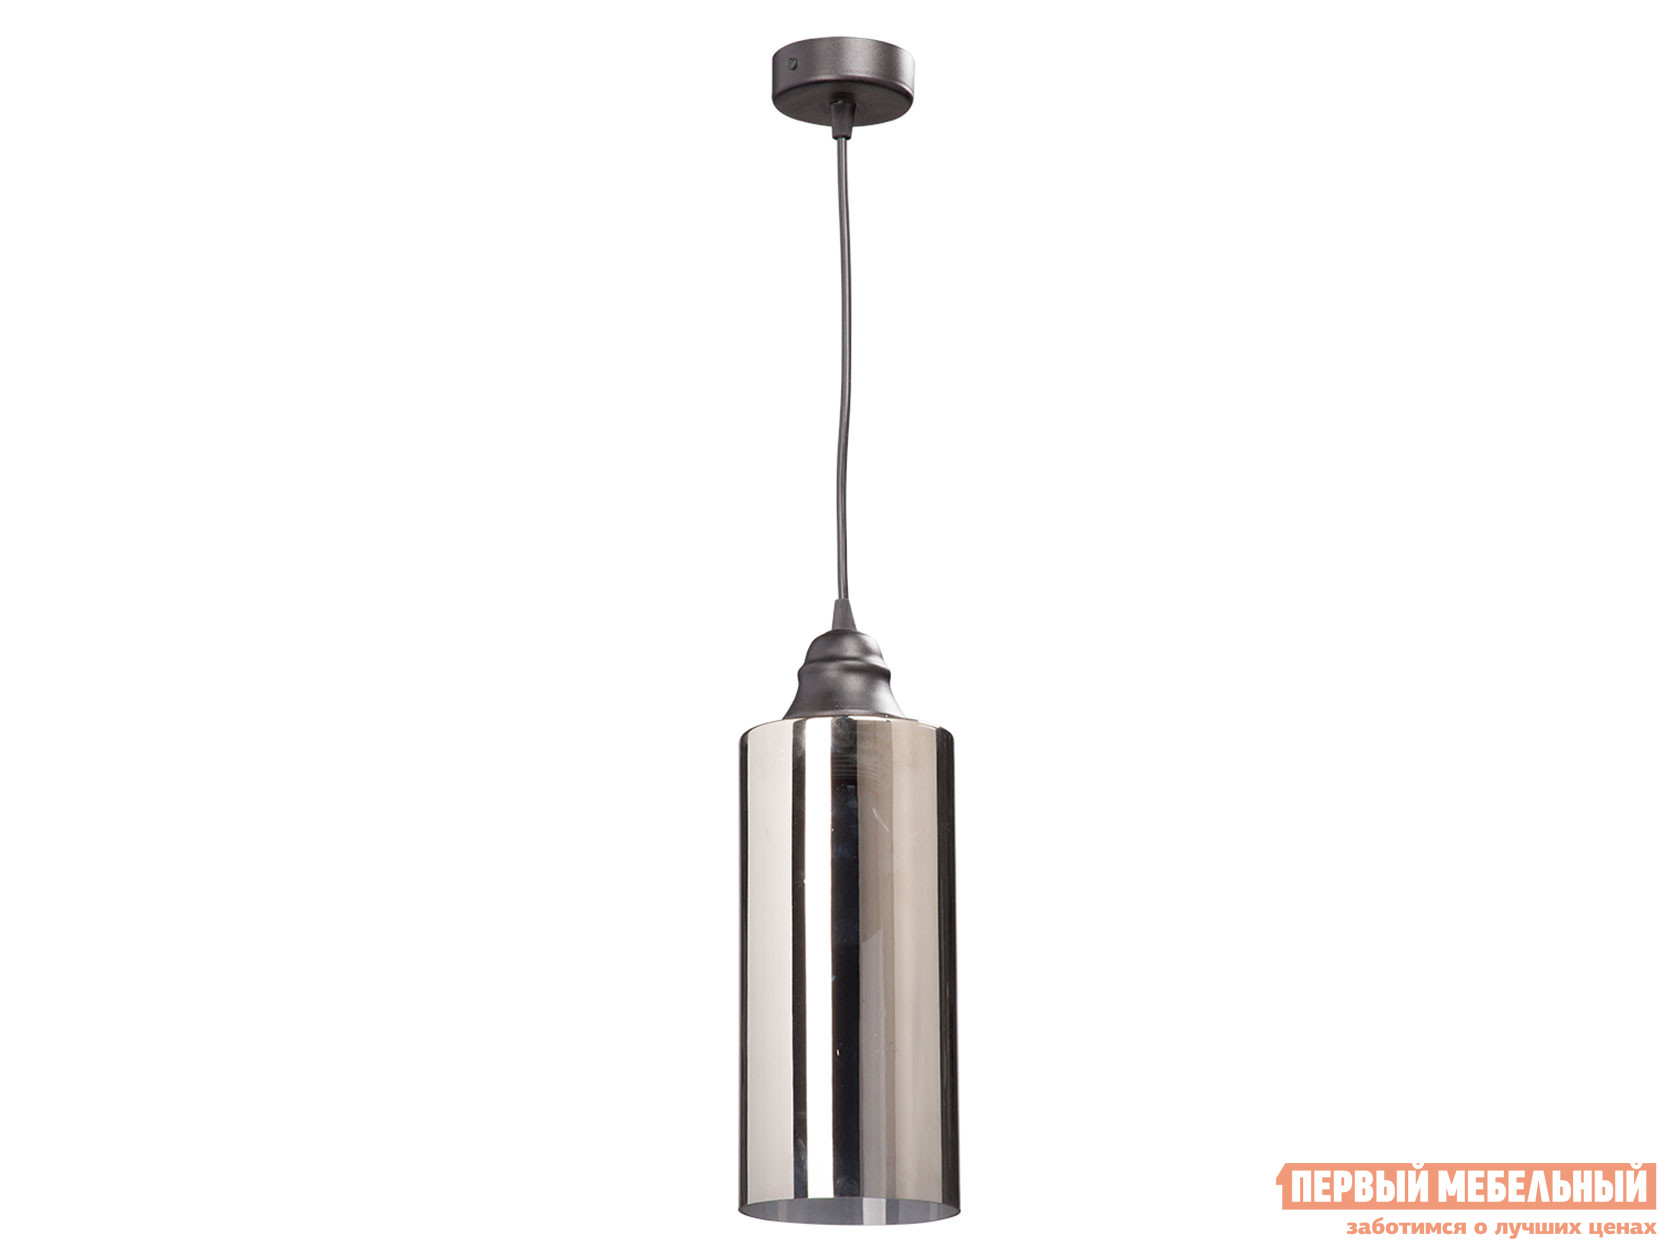 Подвесной светильник КСК-электро Люстра V4264-9/1S